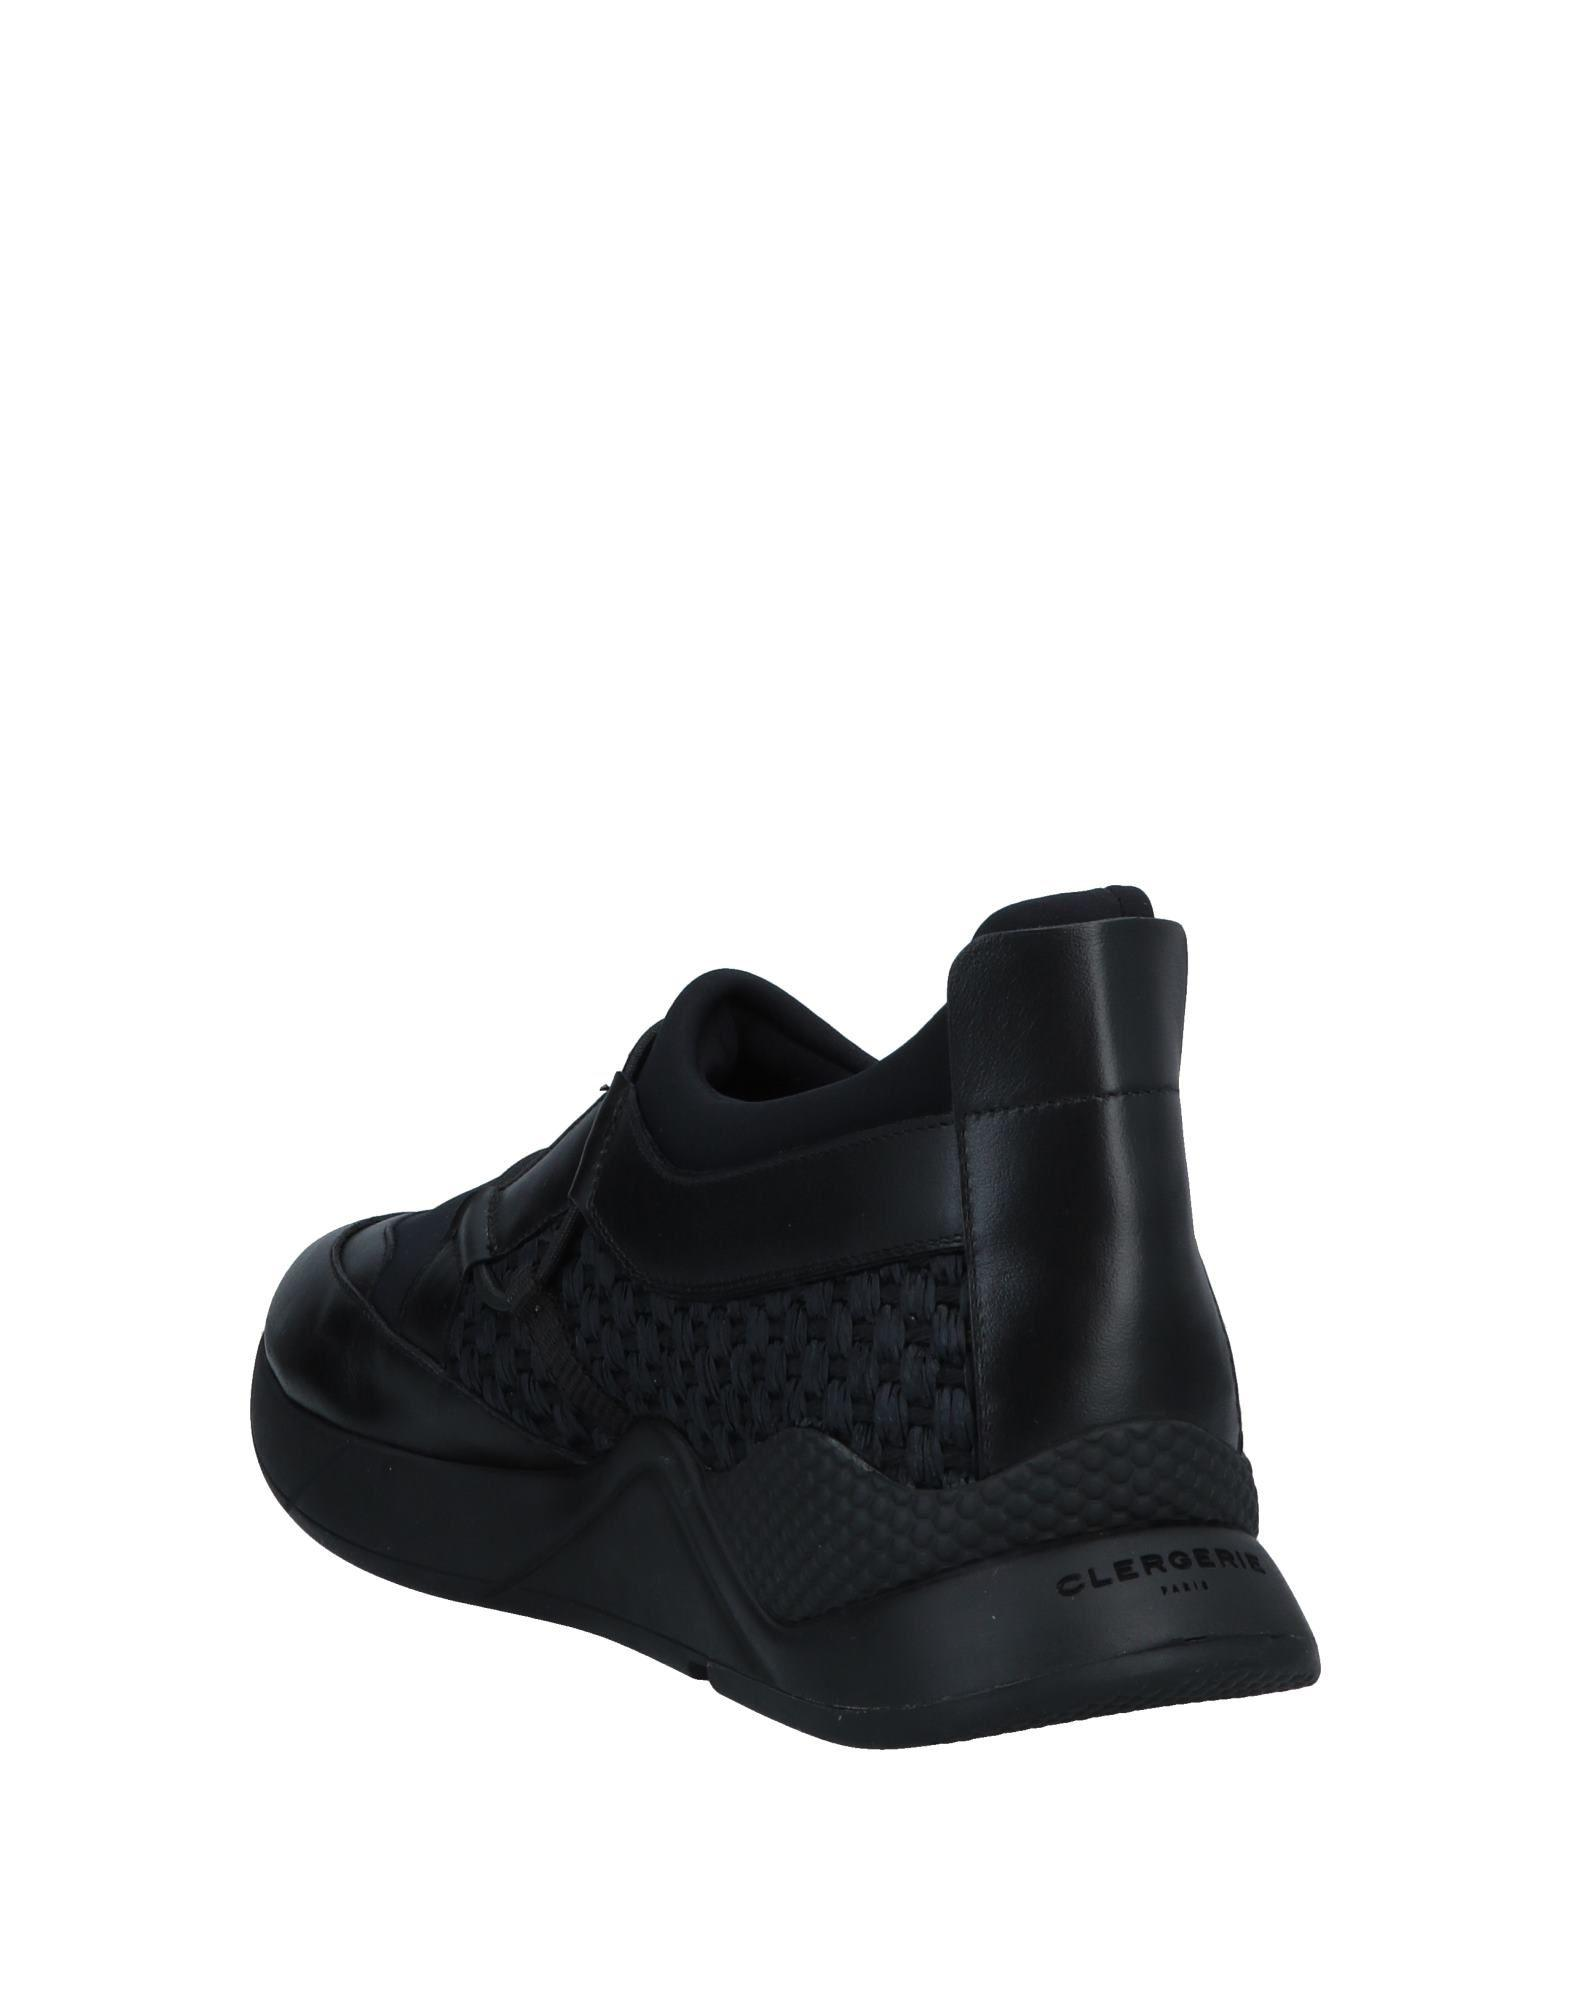 Sneakers & Deportivas Clergerie de Cuero de color Negro para hombre